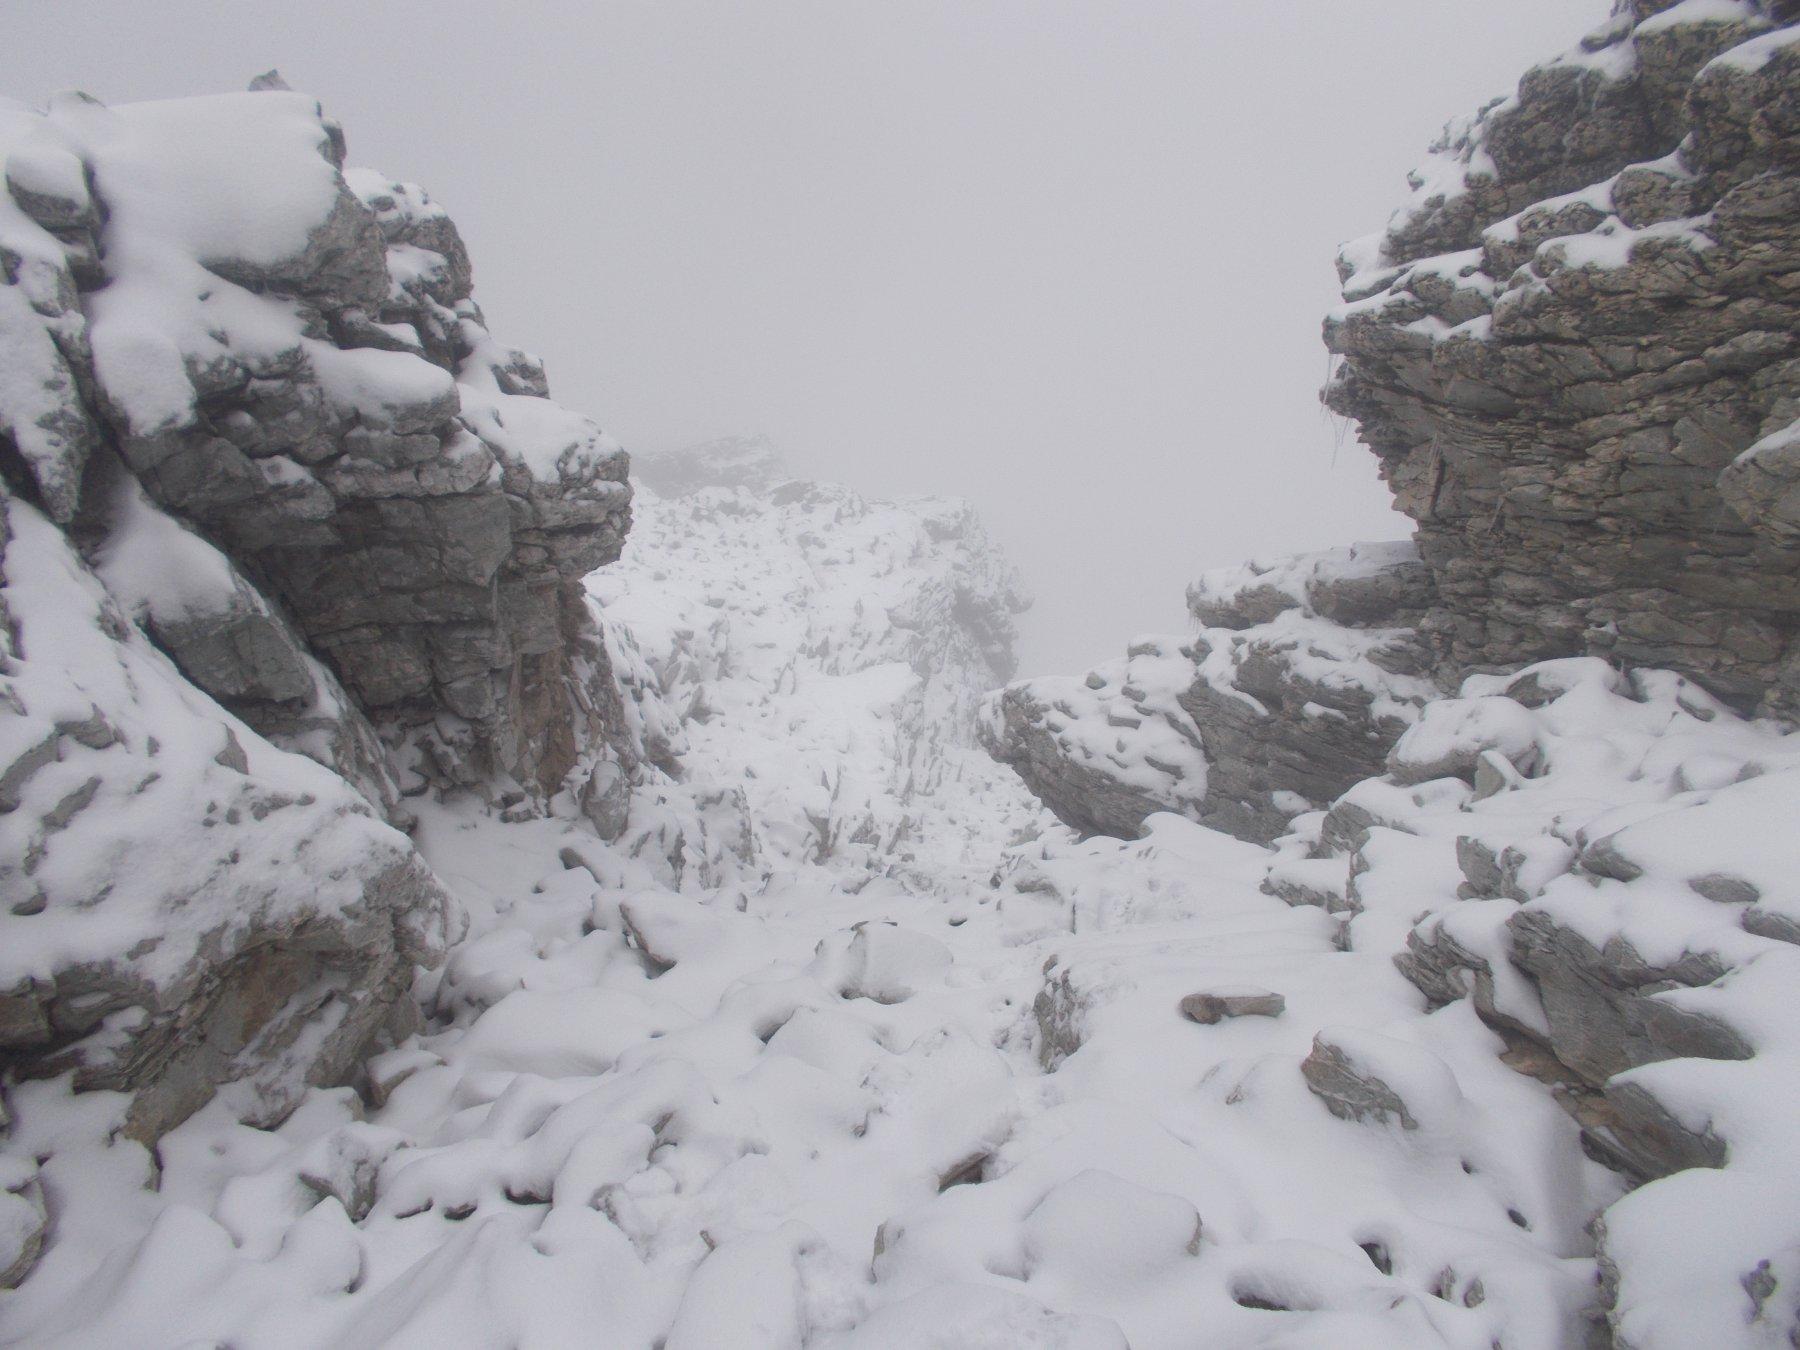 il canale d'accesso al pendio finale..intasato di neve..